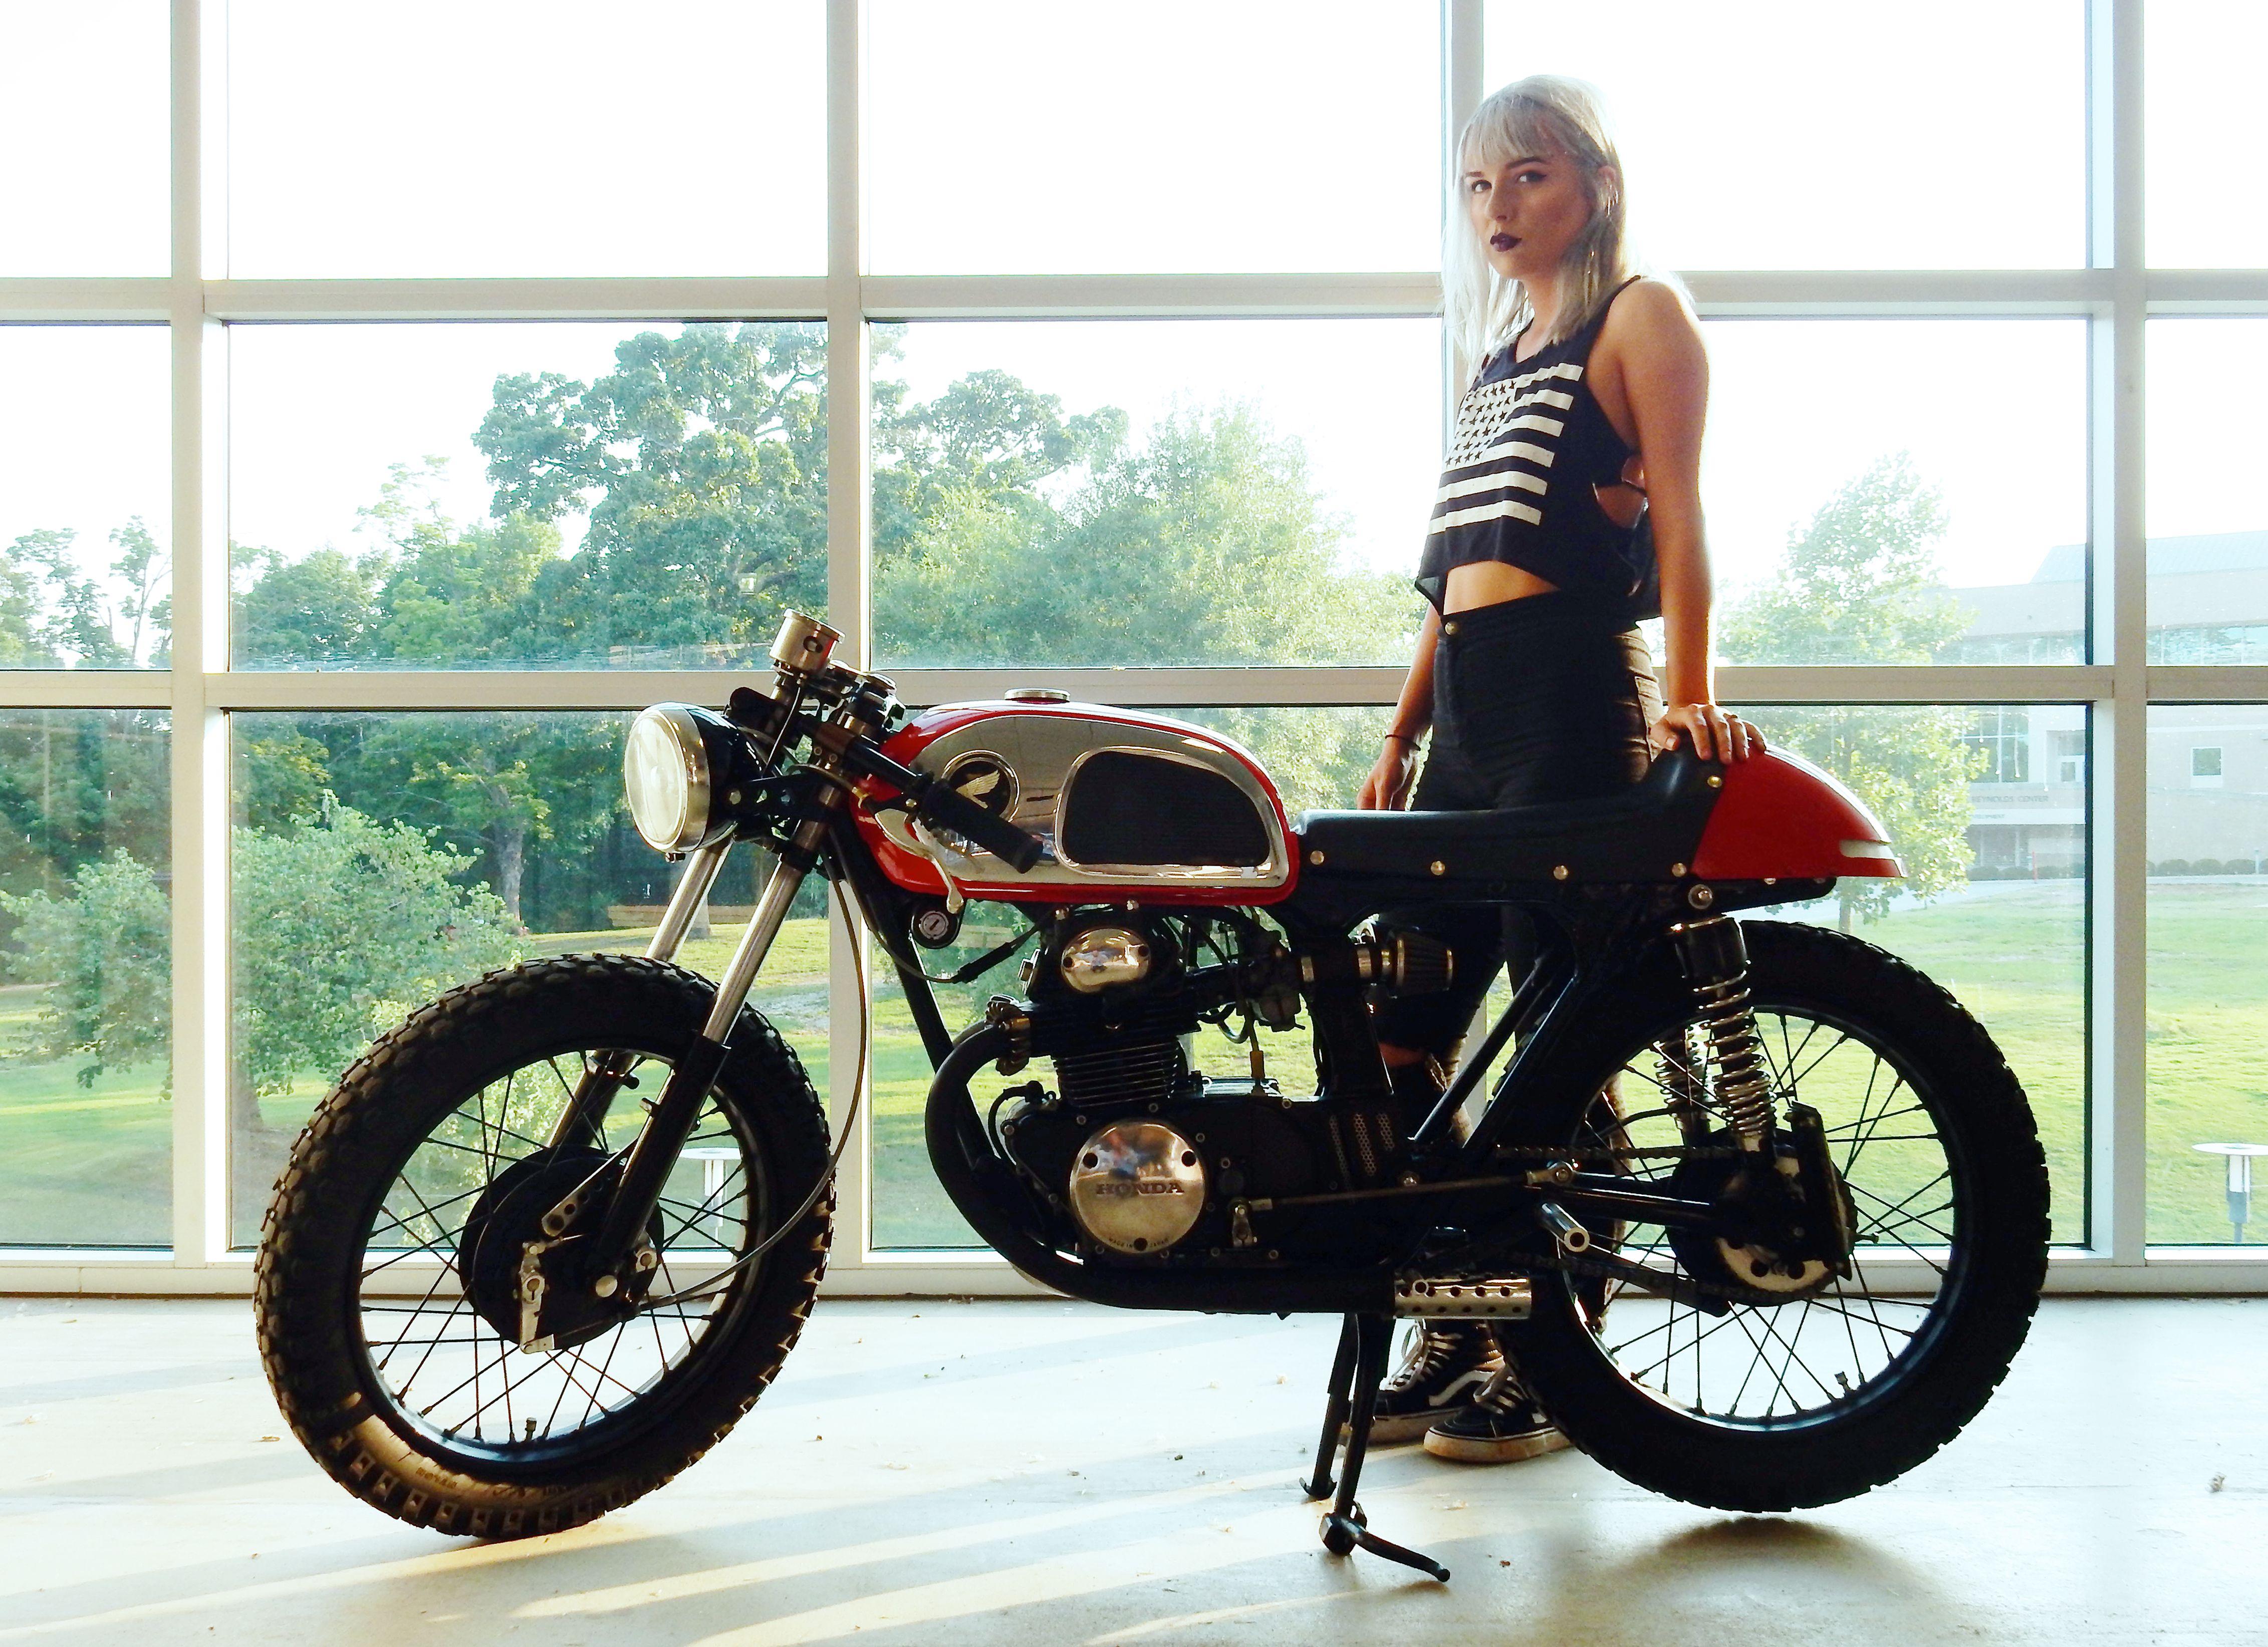 Moi A 1972 Honda Cb175 K6 Cafe Racer Caferacer Vintagemotorcycle Womenwhoride